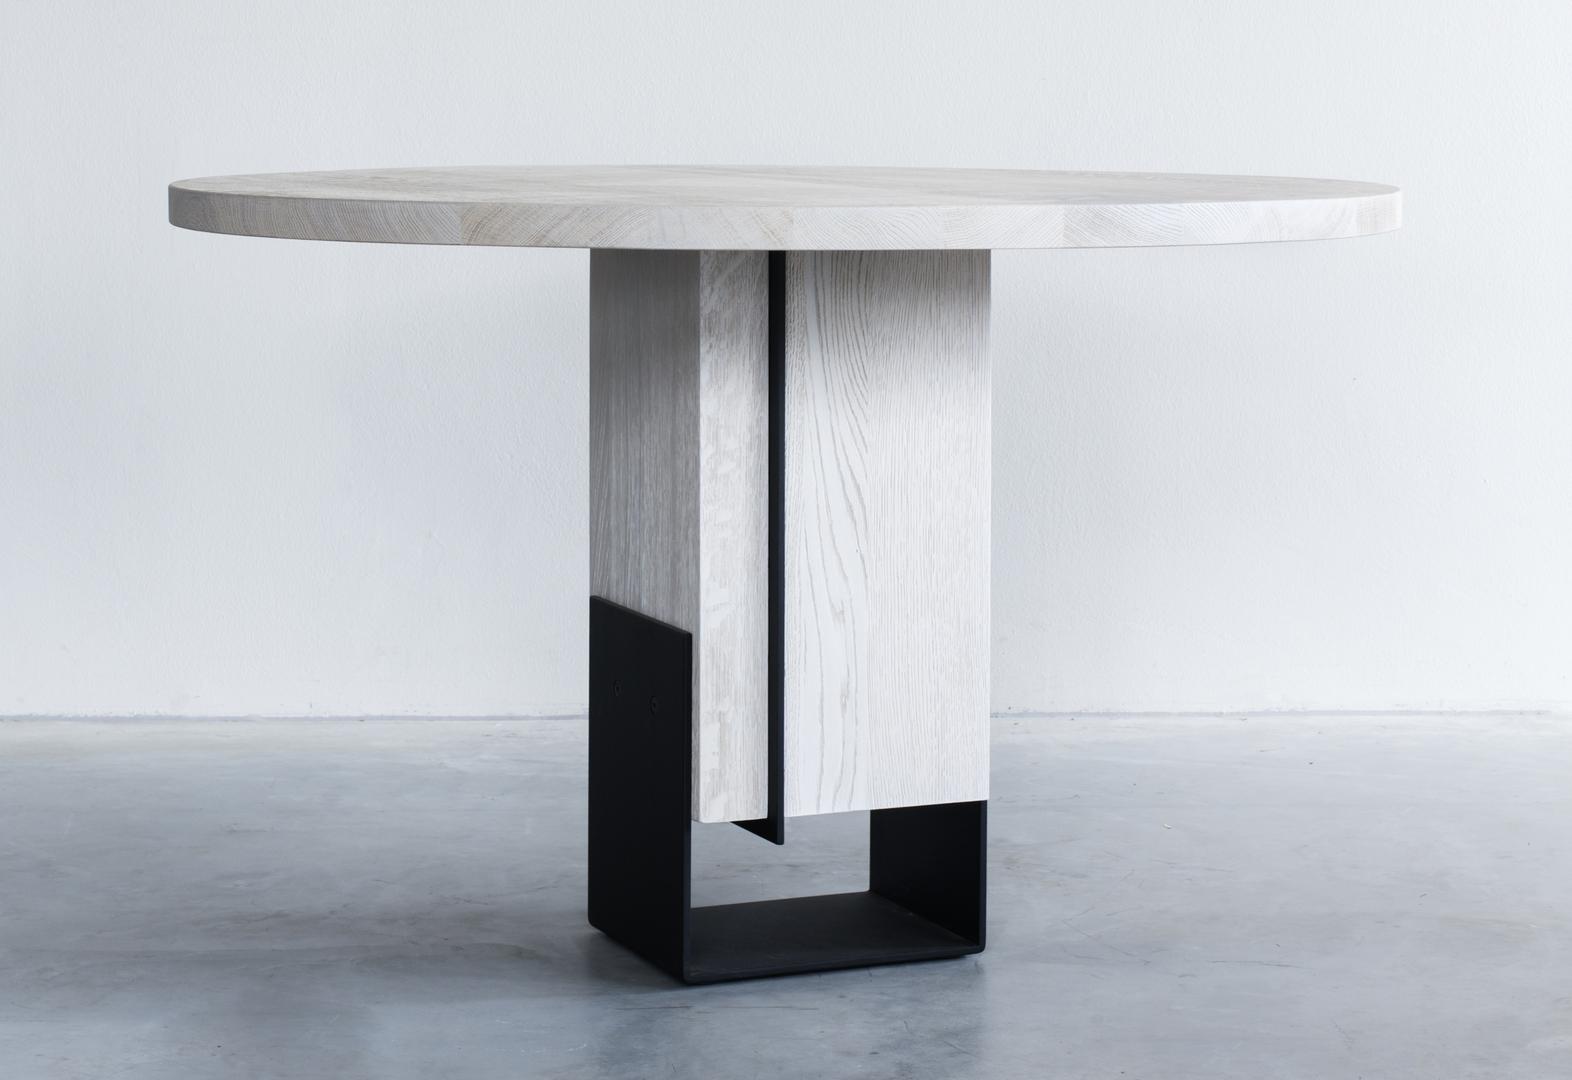 Kitale-round-dining-table-ronde-tafel-Rund-Esstisch-06.jpg